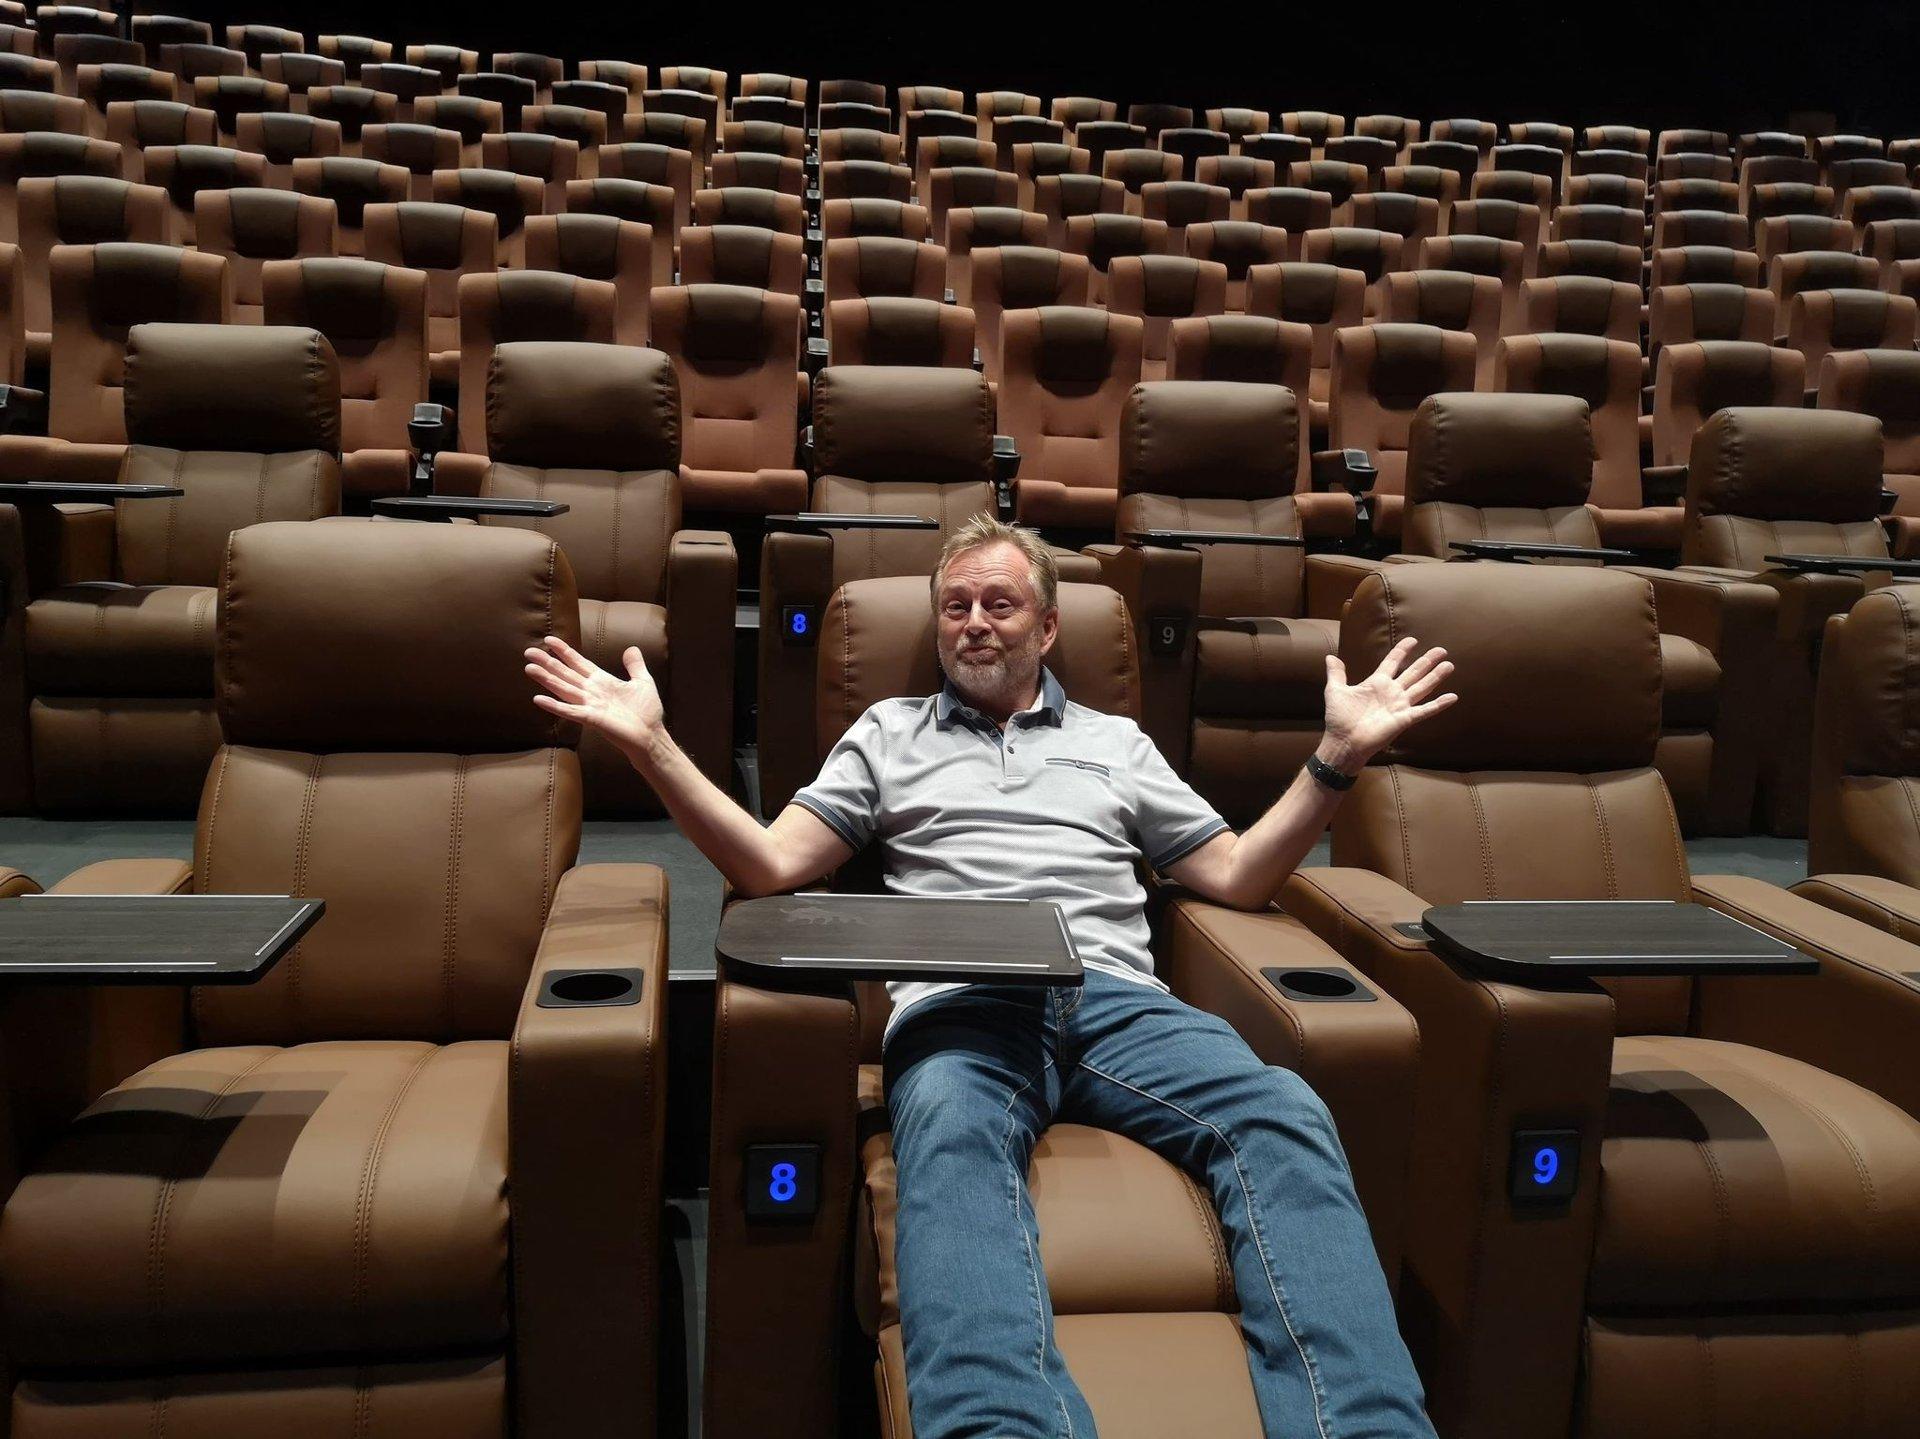 Hamar kino har pusset opp for 17 millioner: – Håper å kunne gi publikum en enda bedre opplevelse